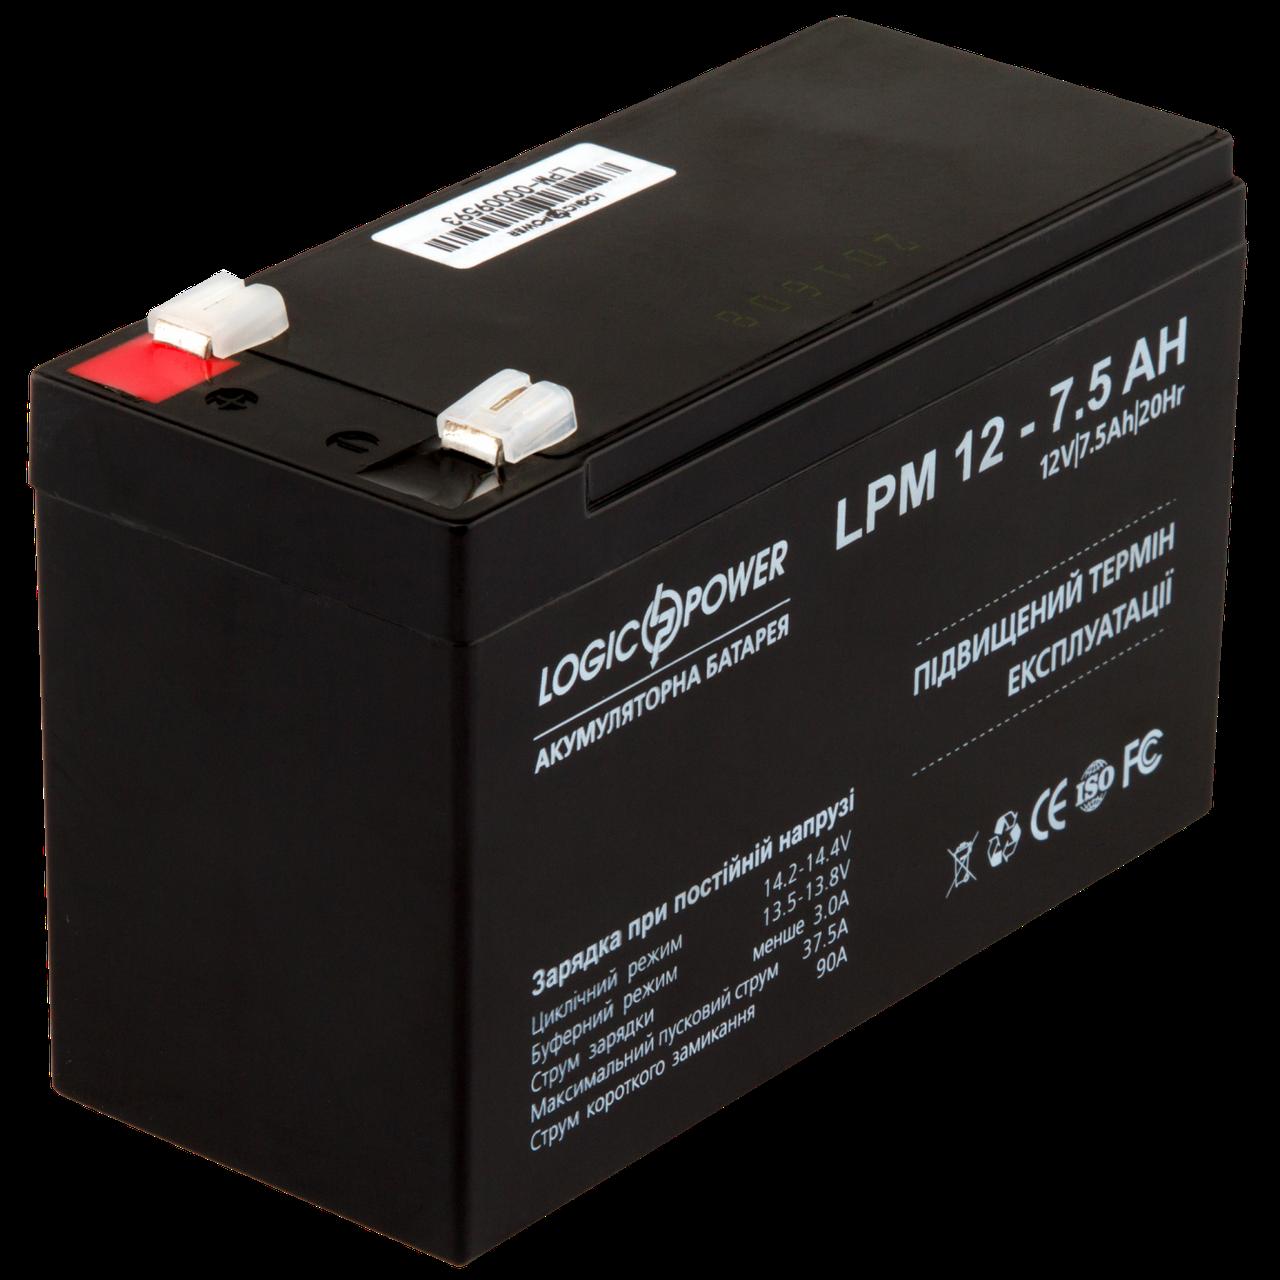 Аккумулятор AGM LPM 12V - 7.5 Ah